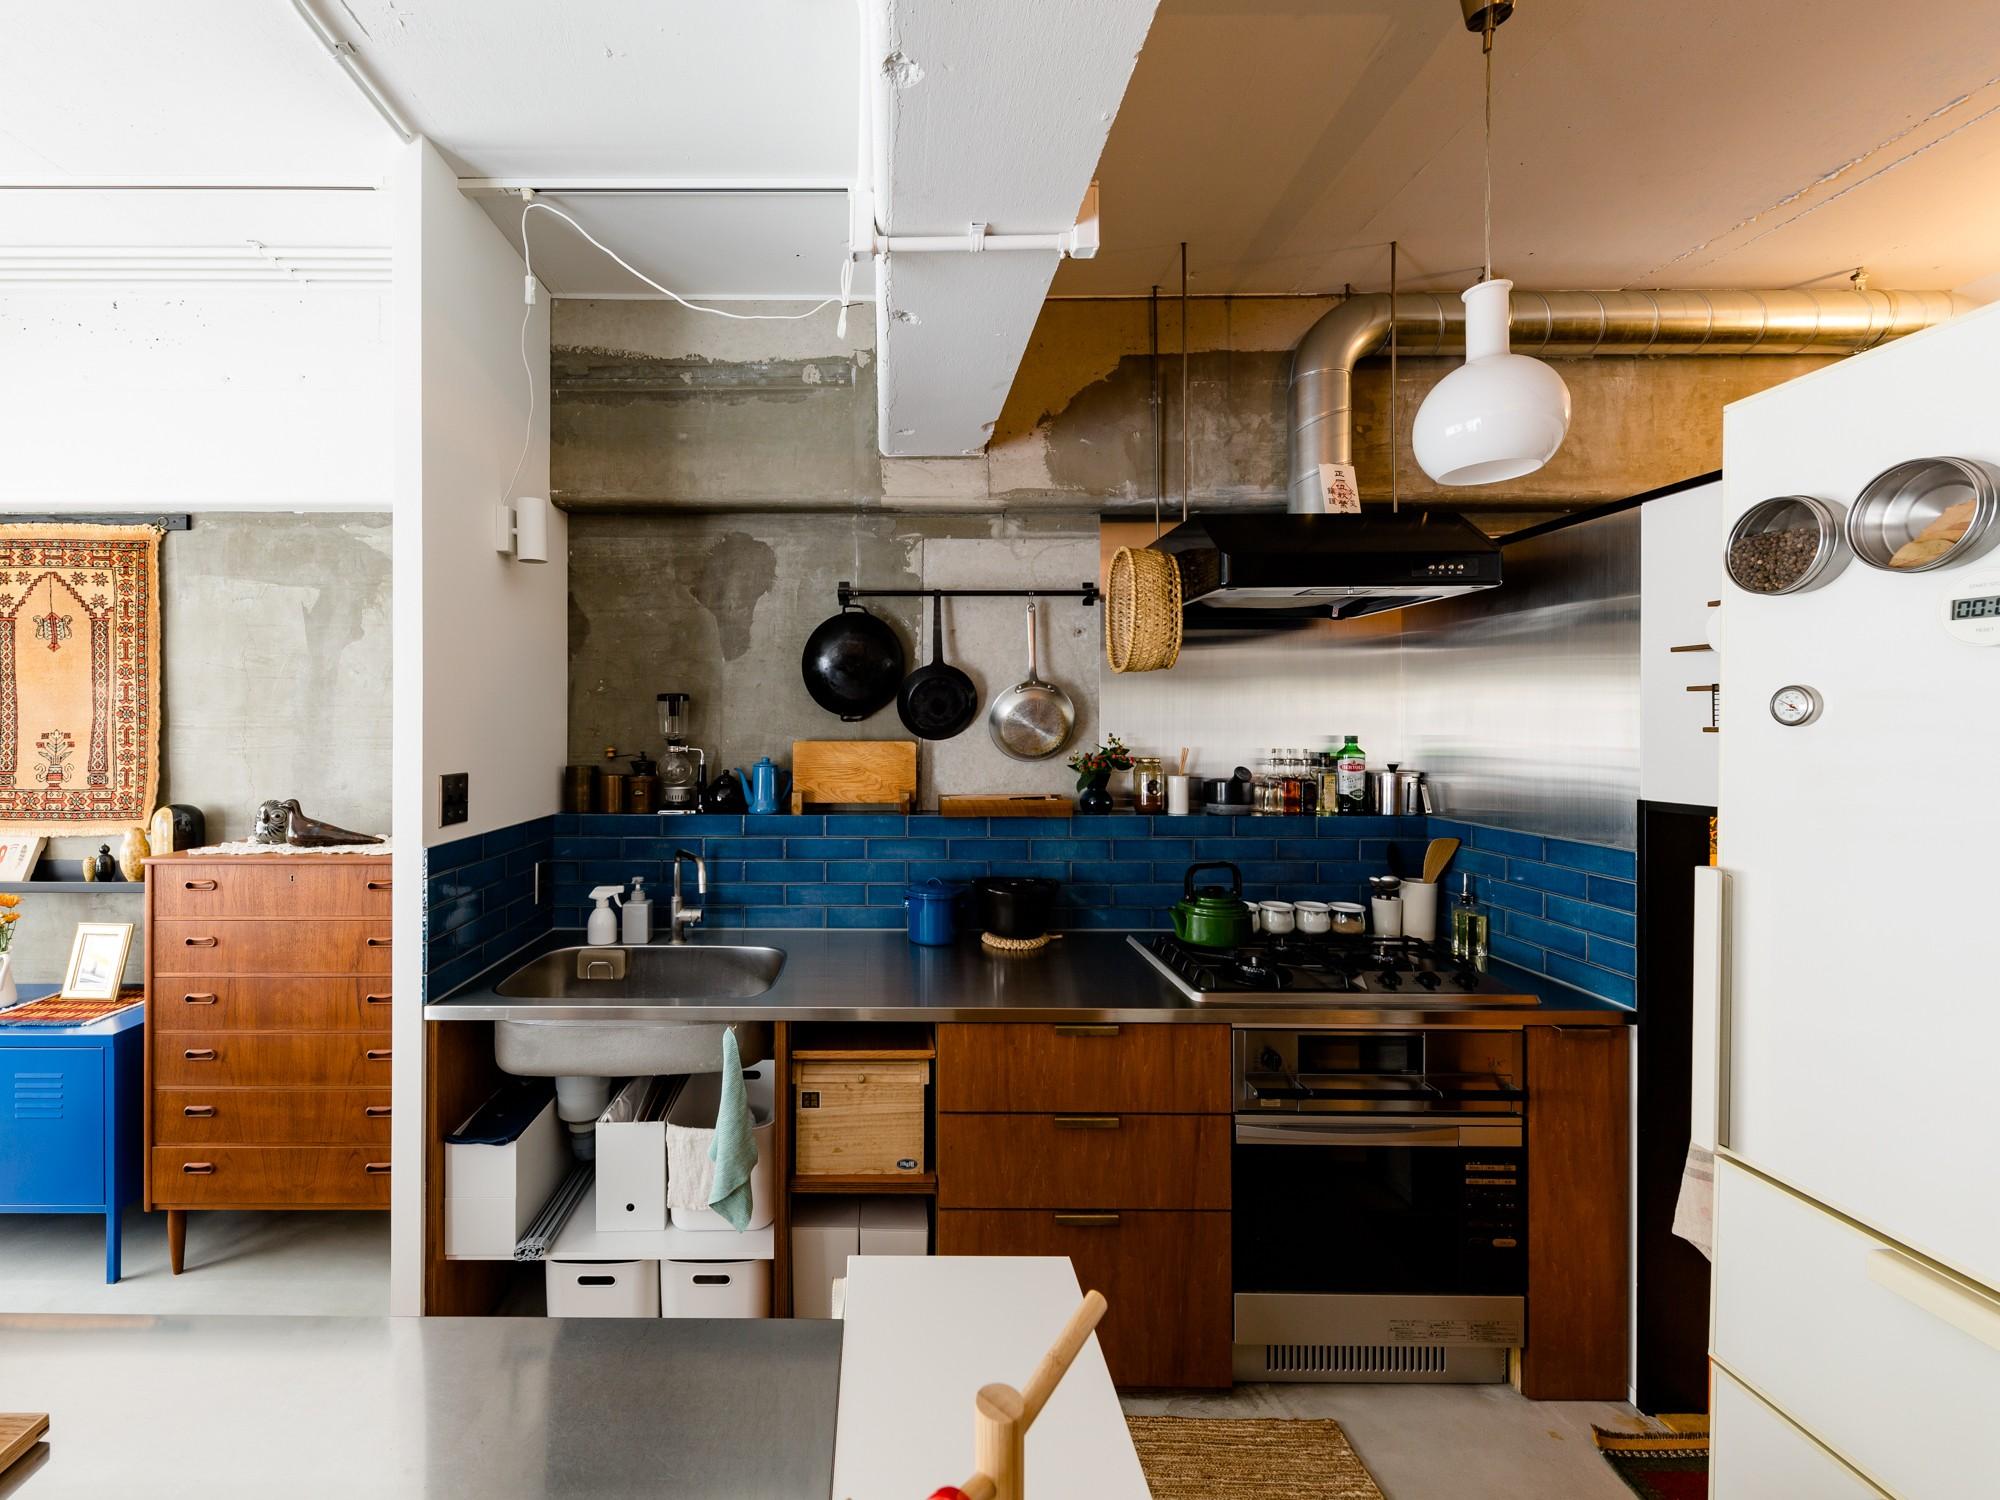 キッチン事例:キッチン(とことん、味わい深く。)